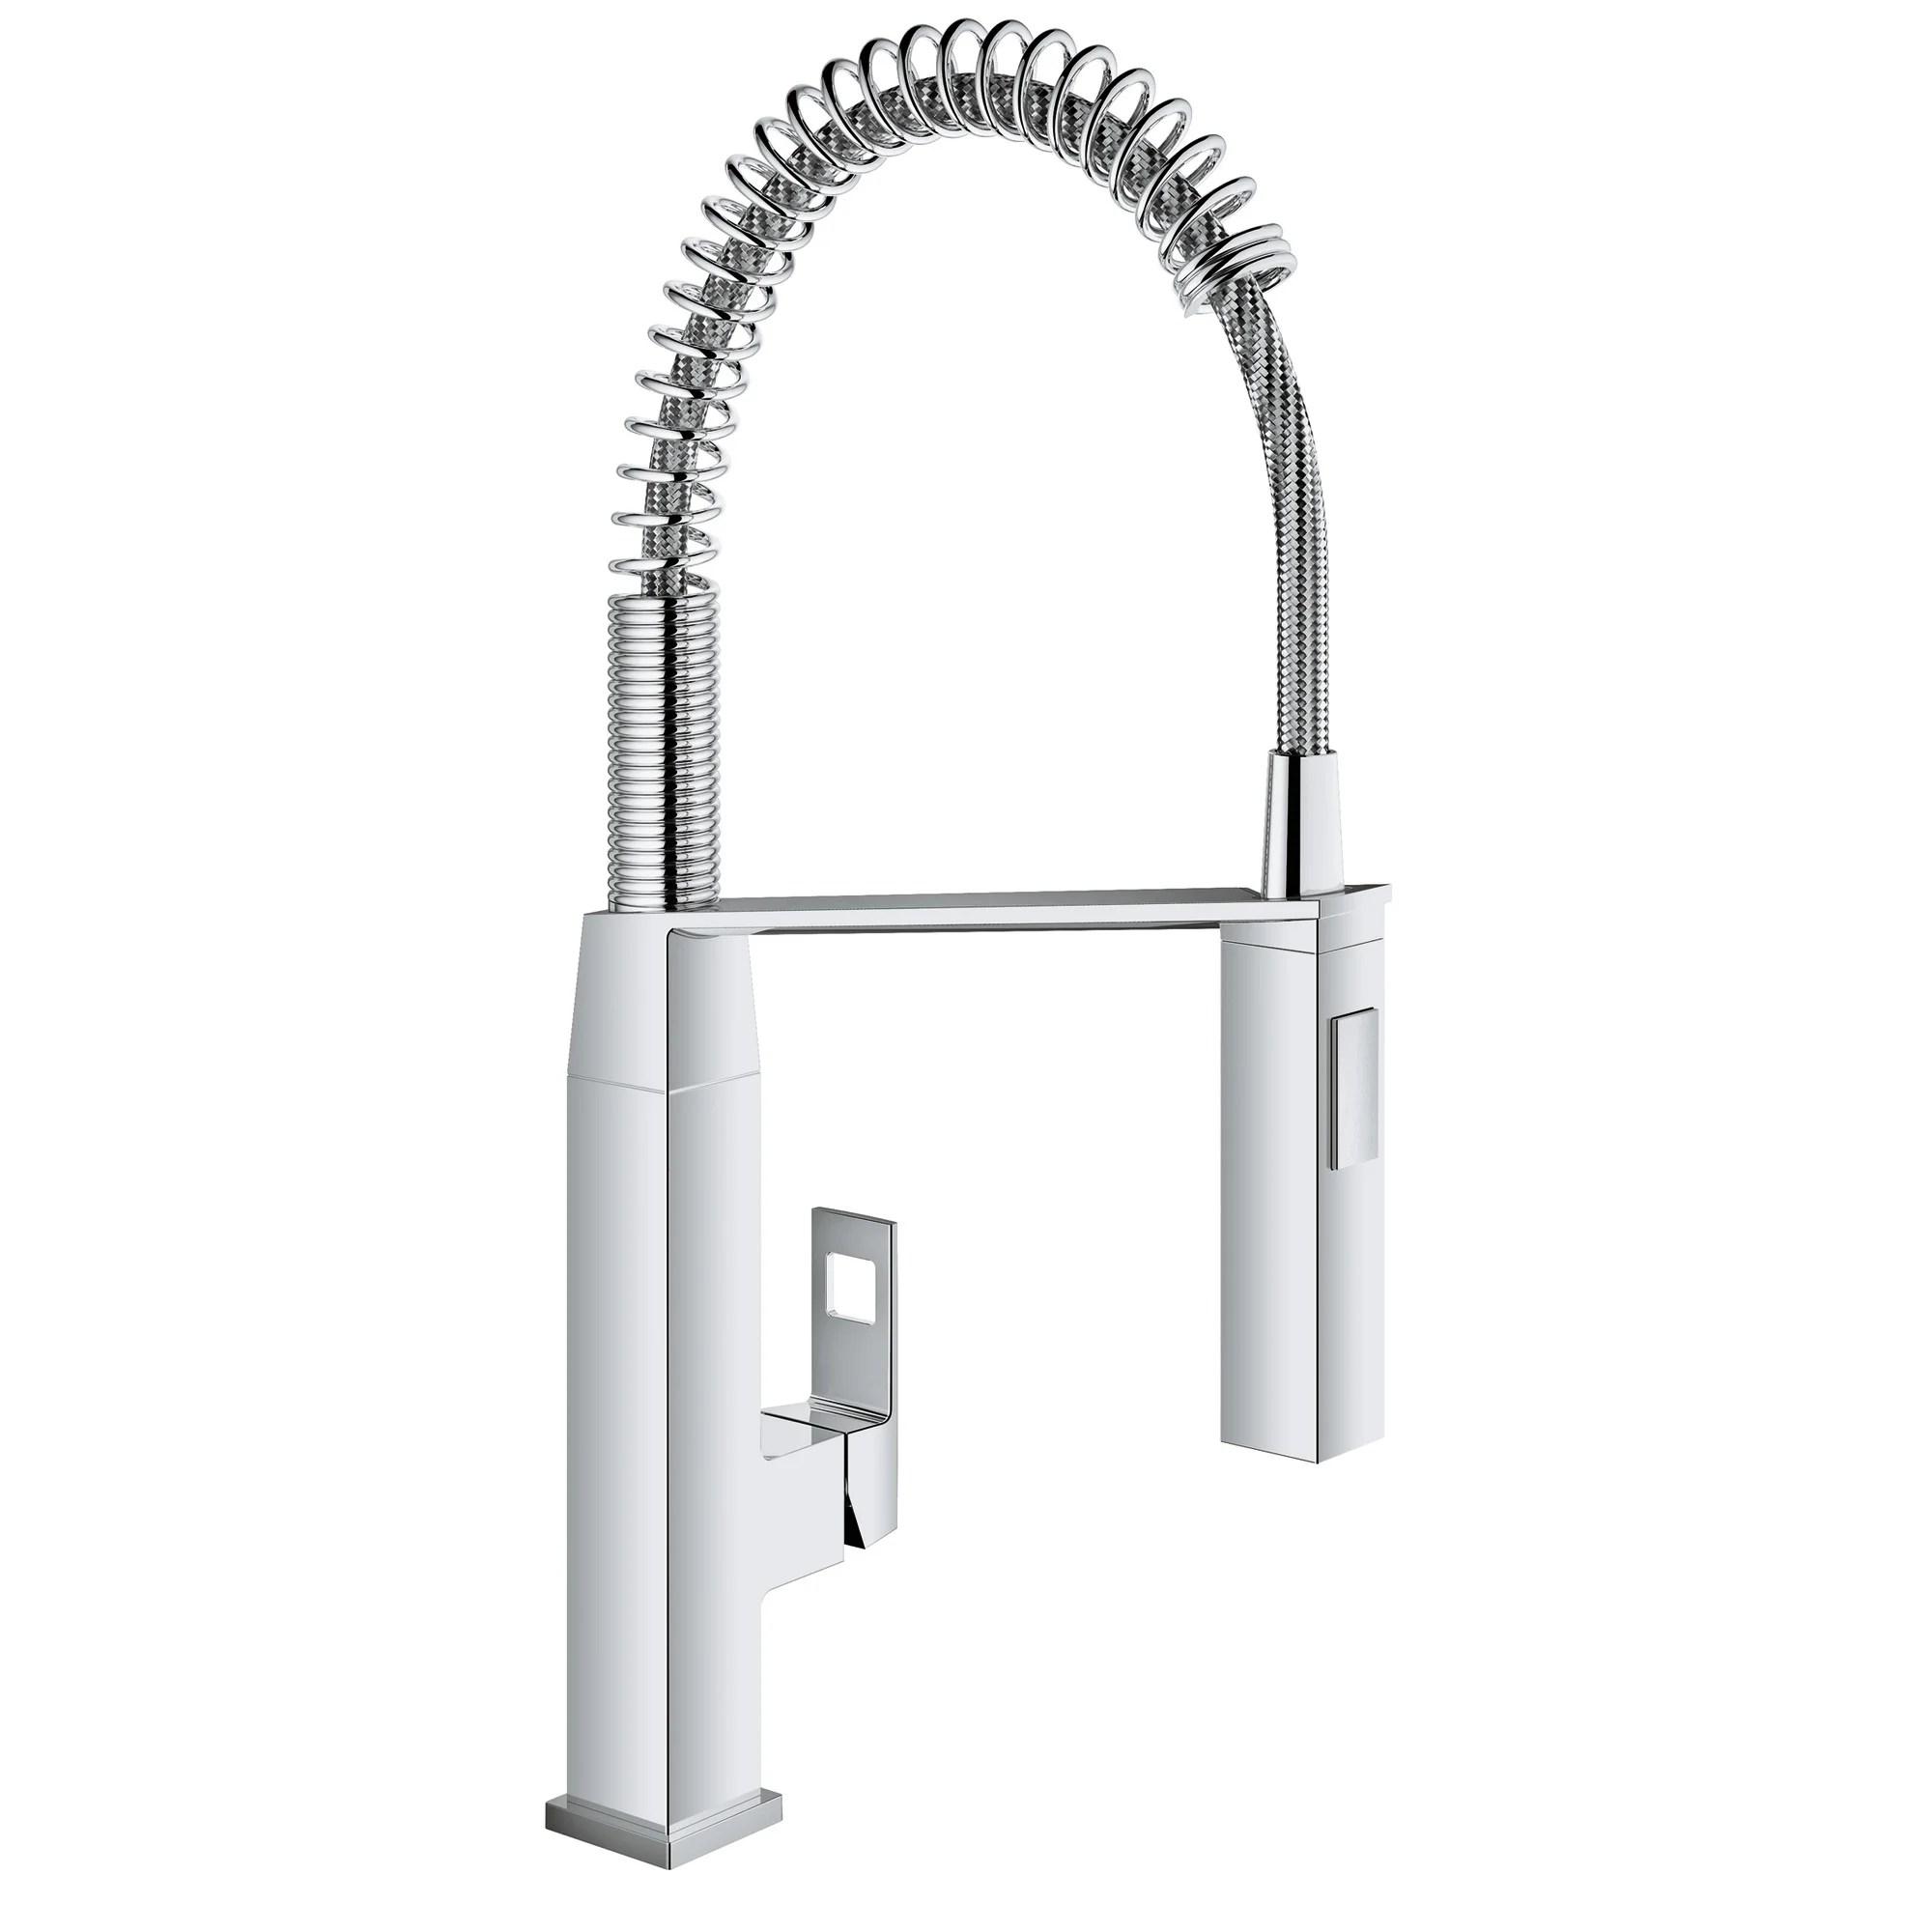 grohe kitchen faucets c a~ hansgrohe kitchen faucet Eurocube Single Handle Deck Mount Semi Pro Kitchen Faucet